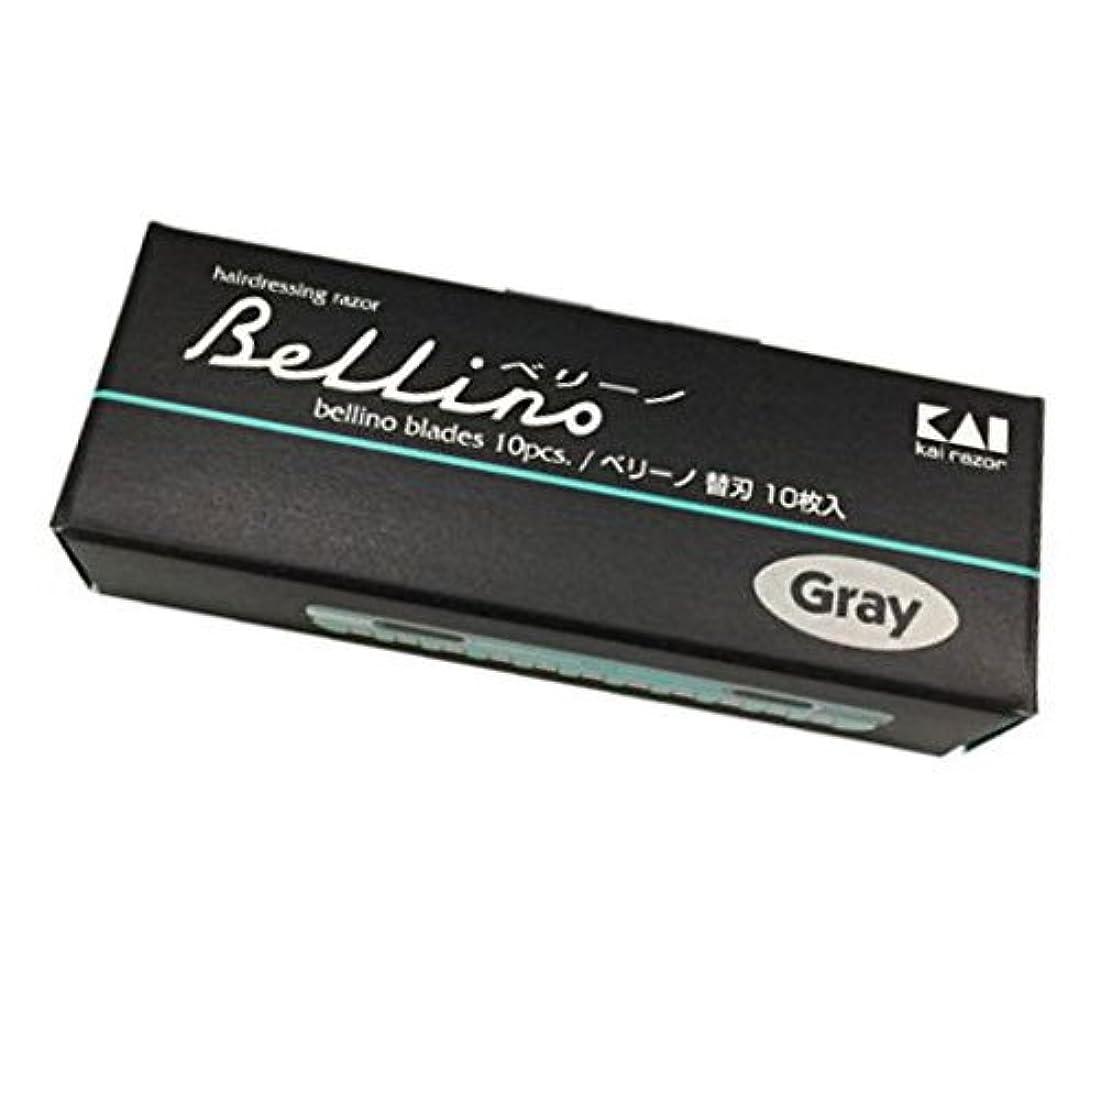 貴重な倍増刈る貝印カミソリ ベリーノ替刃 10枚入